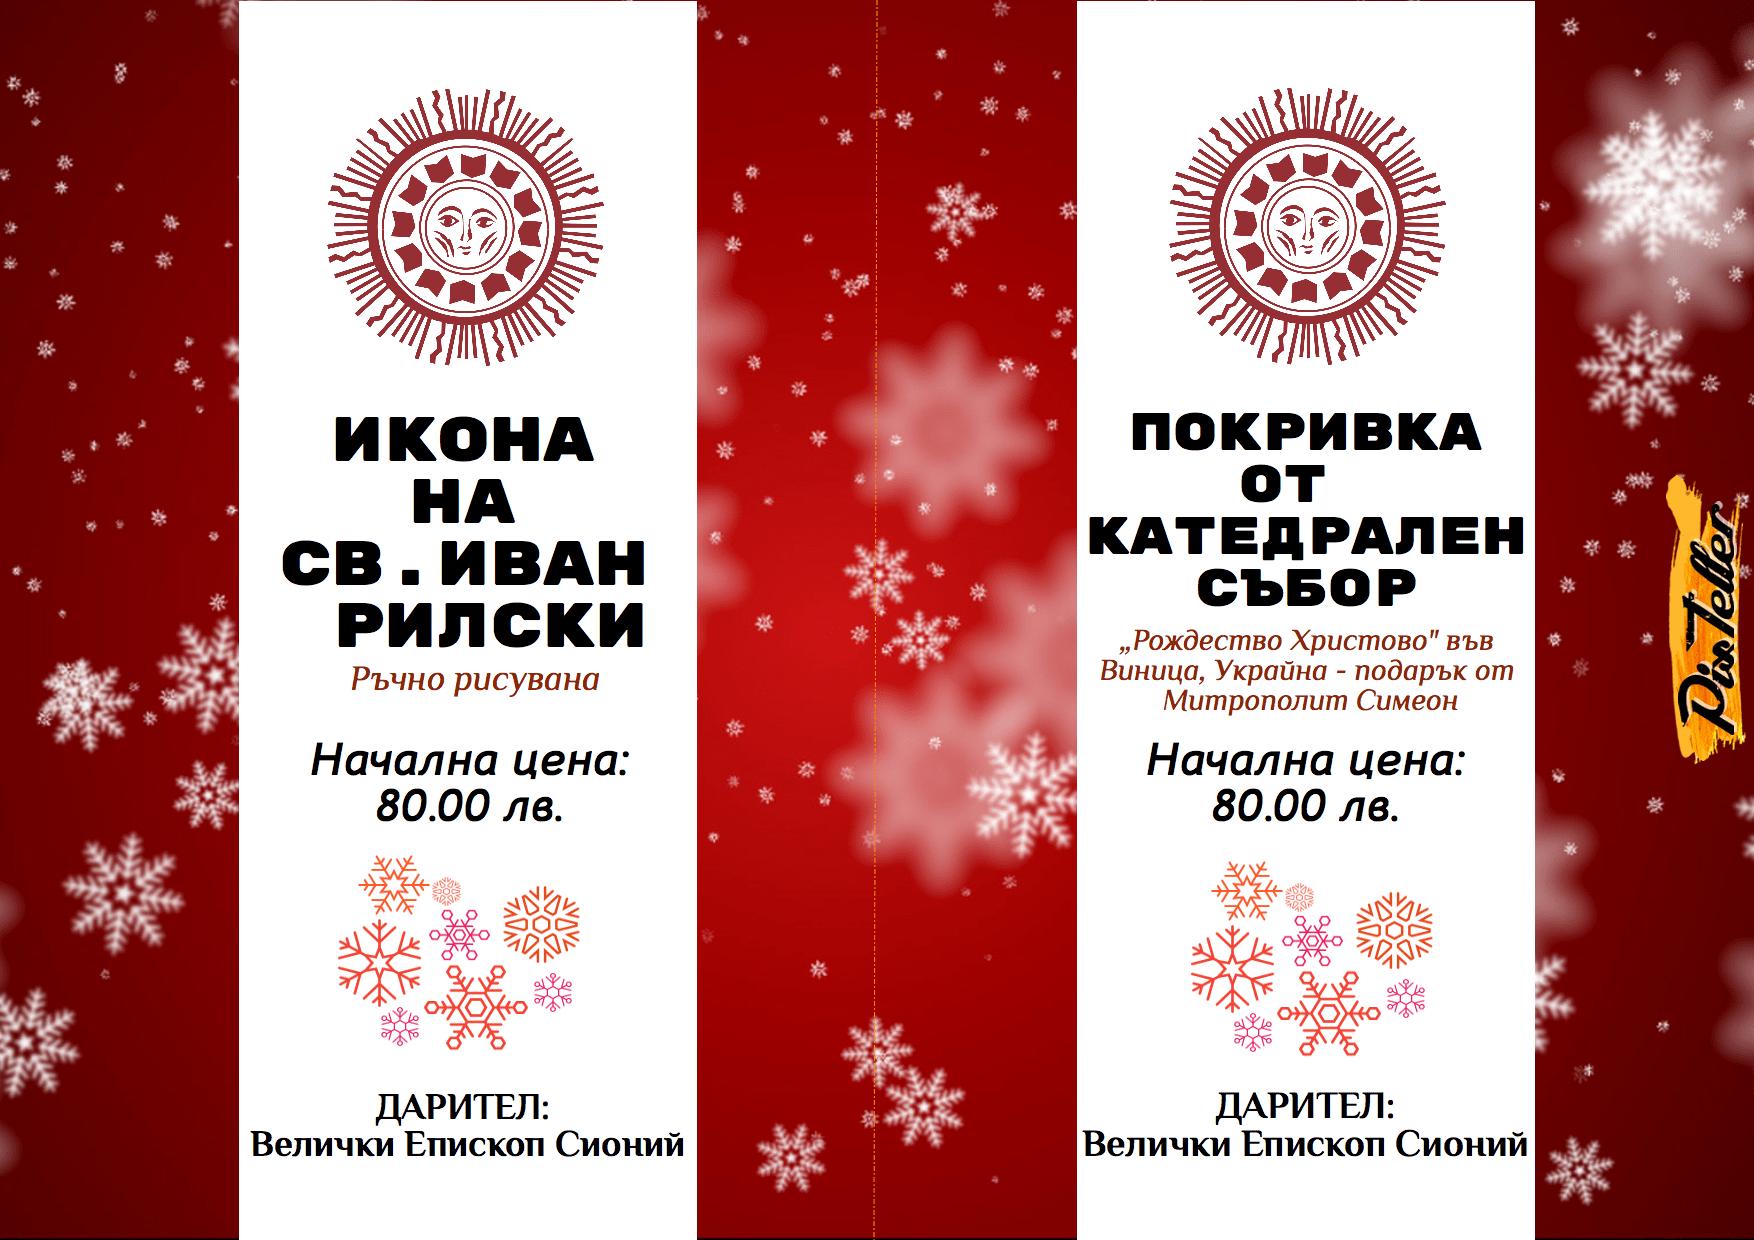 White,                Black,                Red,                 Free Image